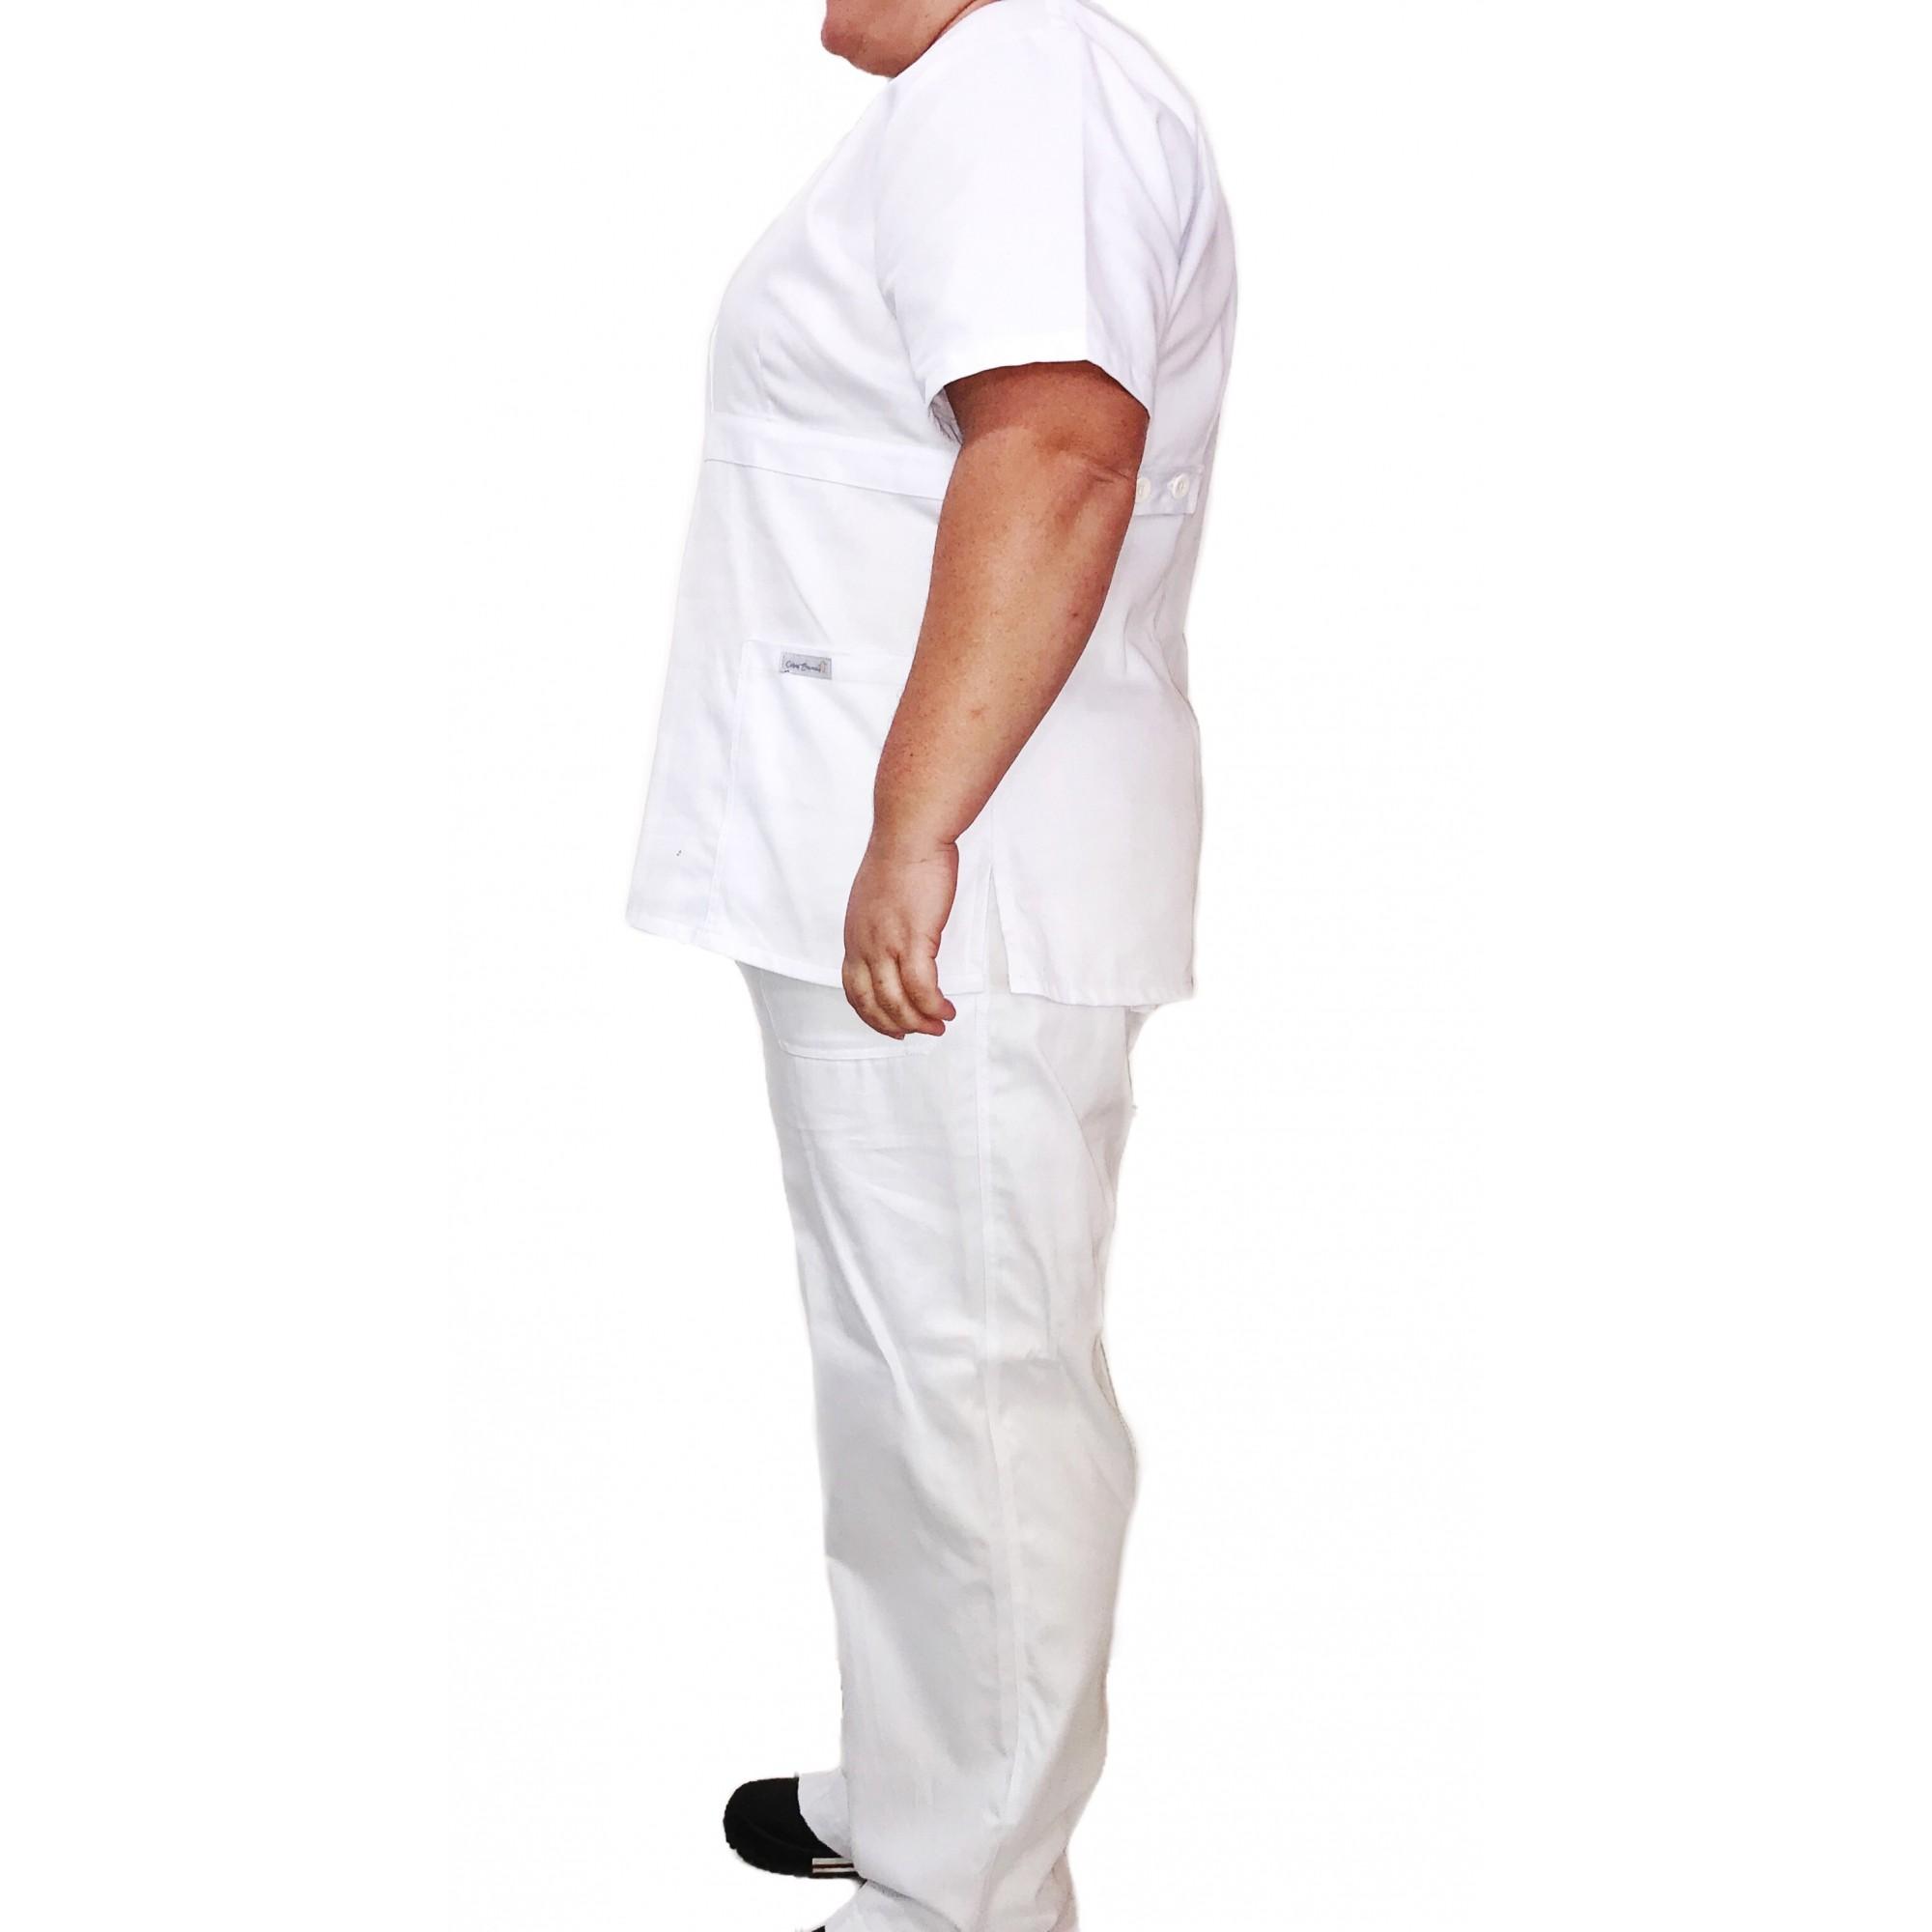 Conjunto Pijama Cirúrgico BRANCO Scrub Anatomys Feminino PLUS SIZE  Camisa e Calça com Cordão Tecido 100% algodão